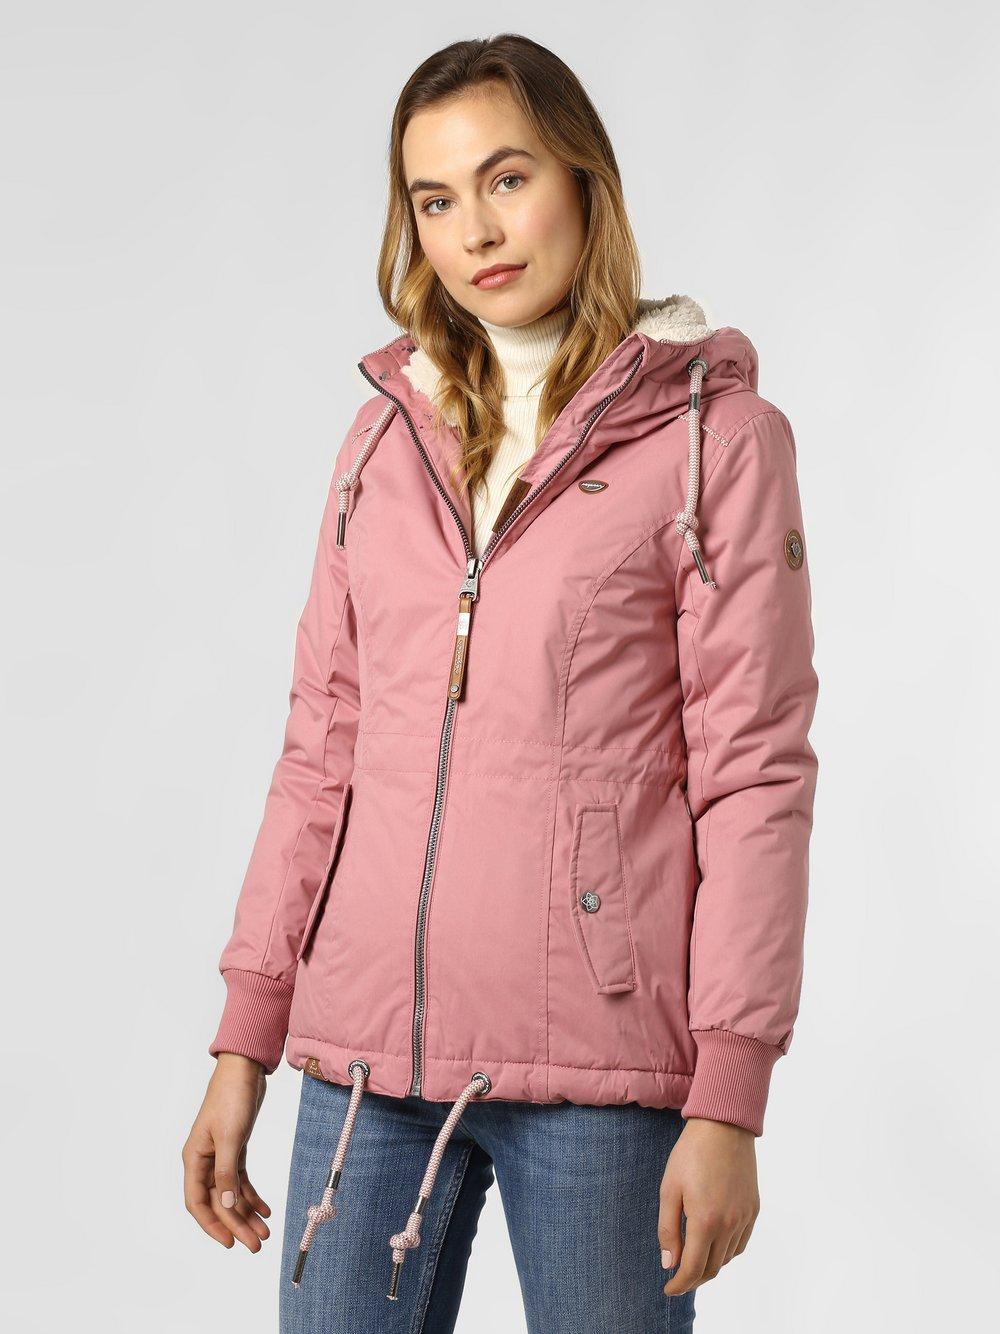 Ragwear - Damska kurtka funkcyjna – Danka, różowy